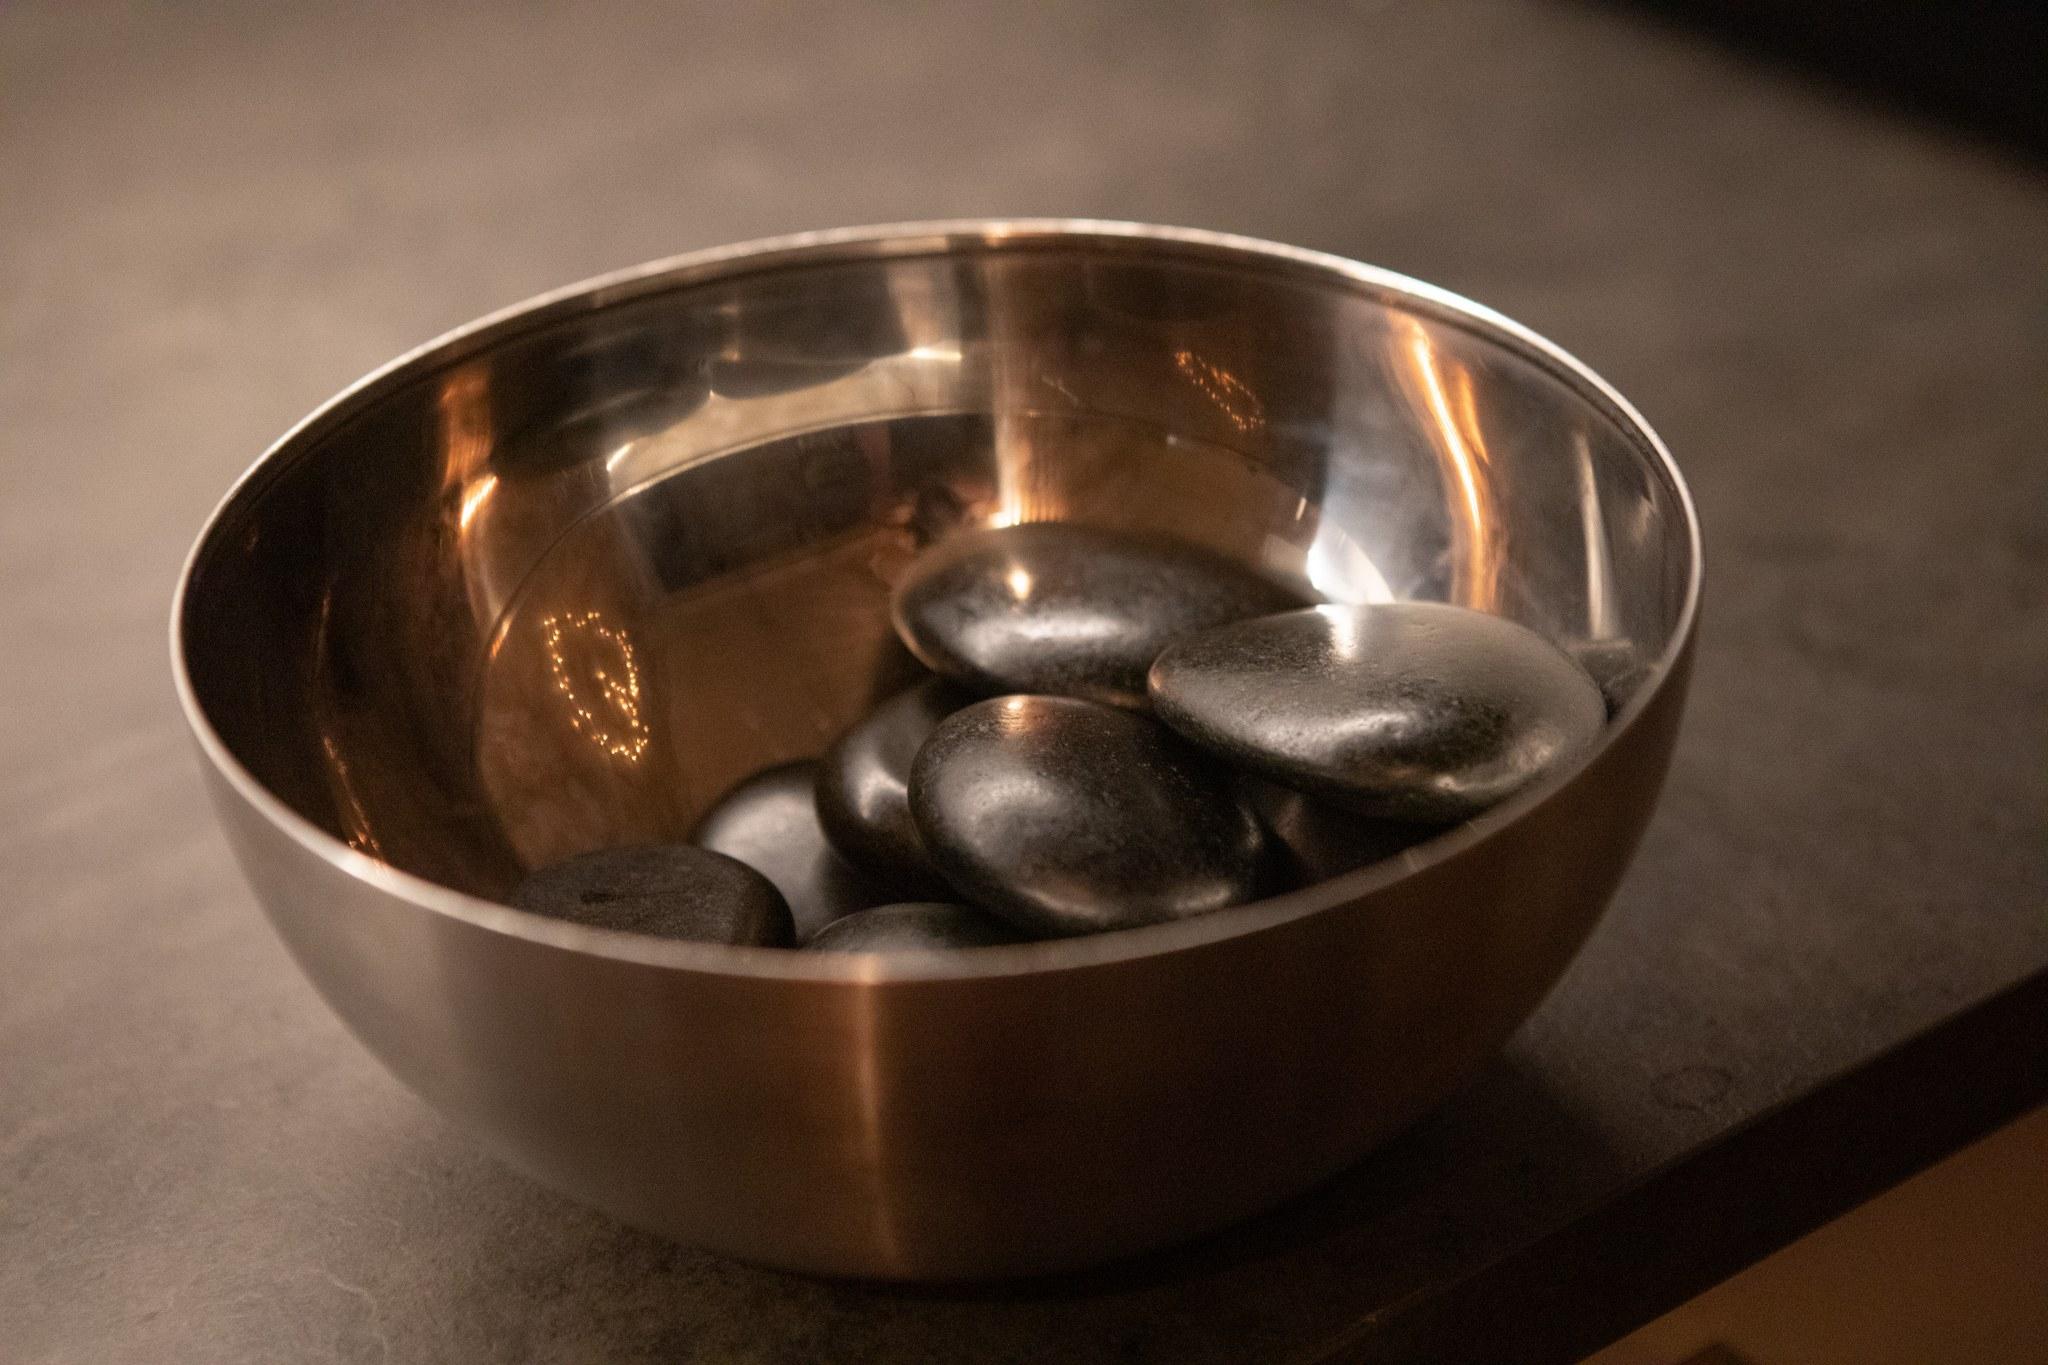 Hot Stone- kuumakivikasvohoidot - Koe täydellinen rentoutuminen ja ihana lämmön tunne ihollasi!